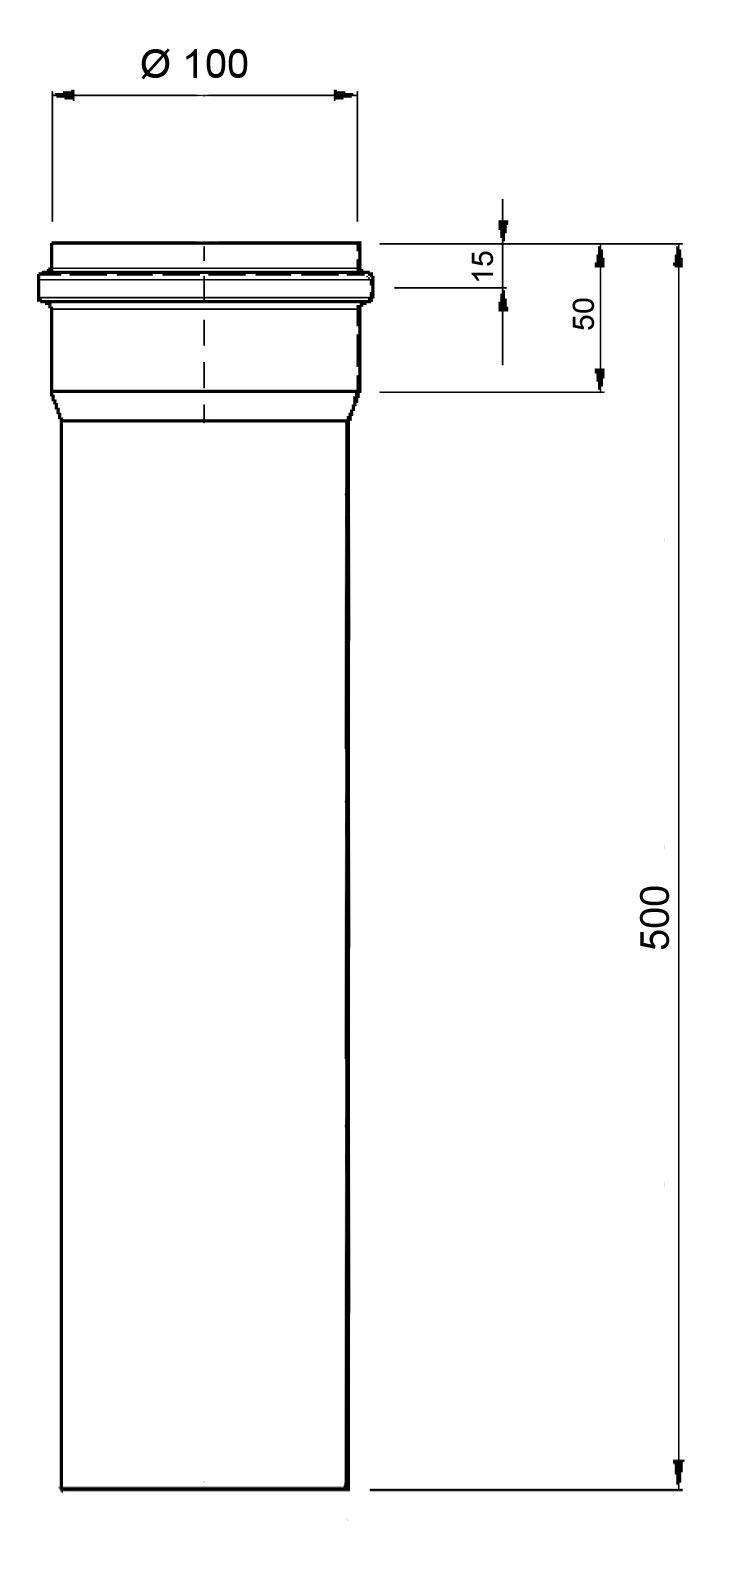 Ofenrohr für Pelletofen Senotherm 0,8mm schwarz Ø100mm Länge 500mm Bild 1